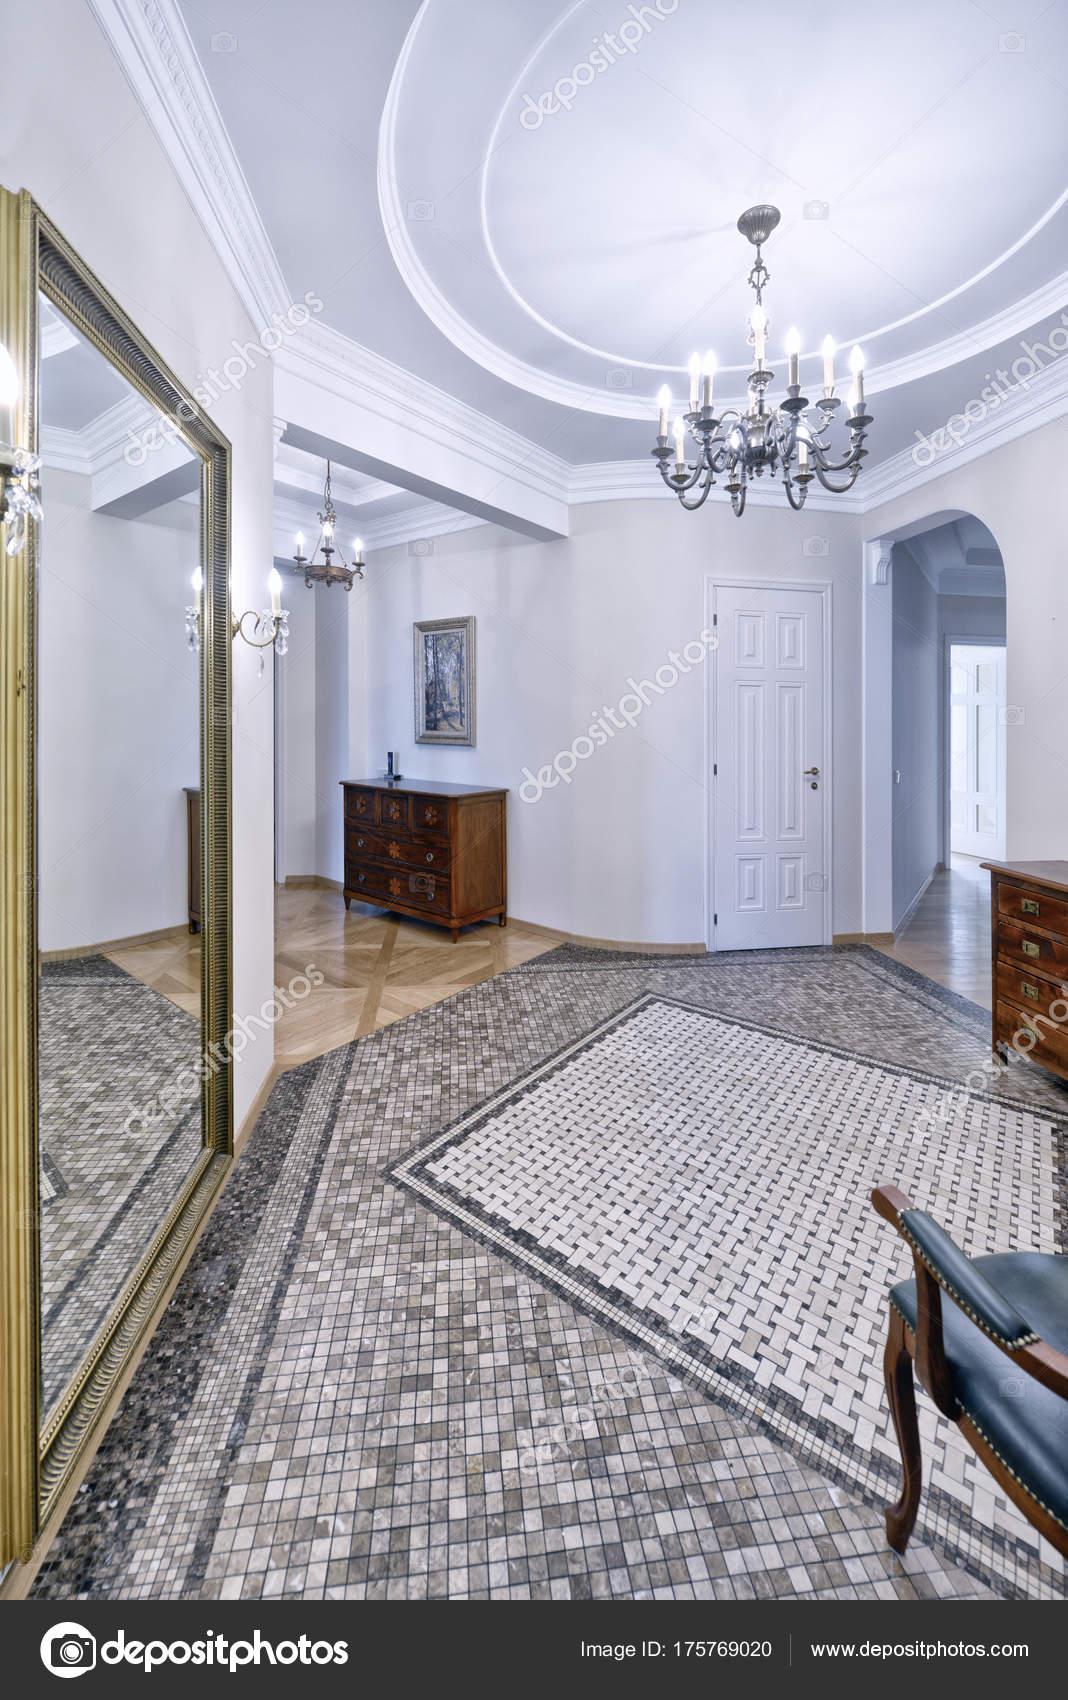 Russland Moskau Die Innenarchitektur Der Halle Eine Neue Wohnung U2014 Stockfoto